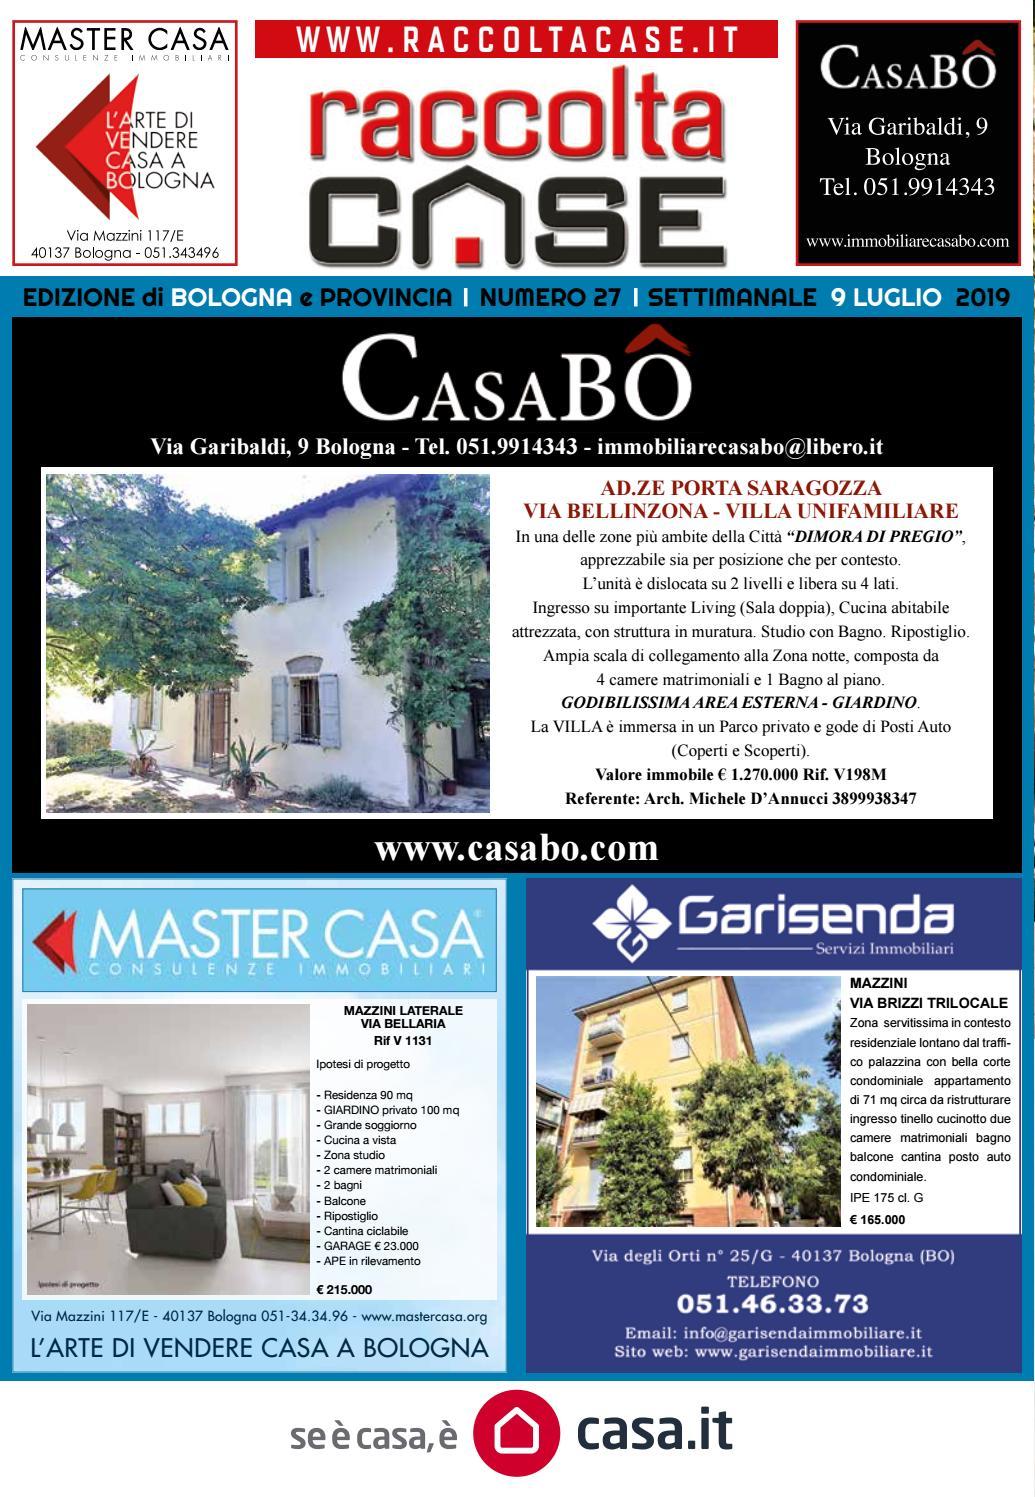 Spazio Vitale Studio Immobiliare raccoltacase bologna 27 - 2019 by publidok s.r.l. - issuu